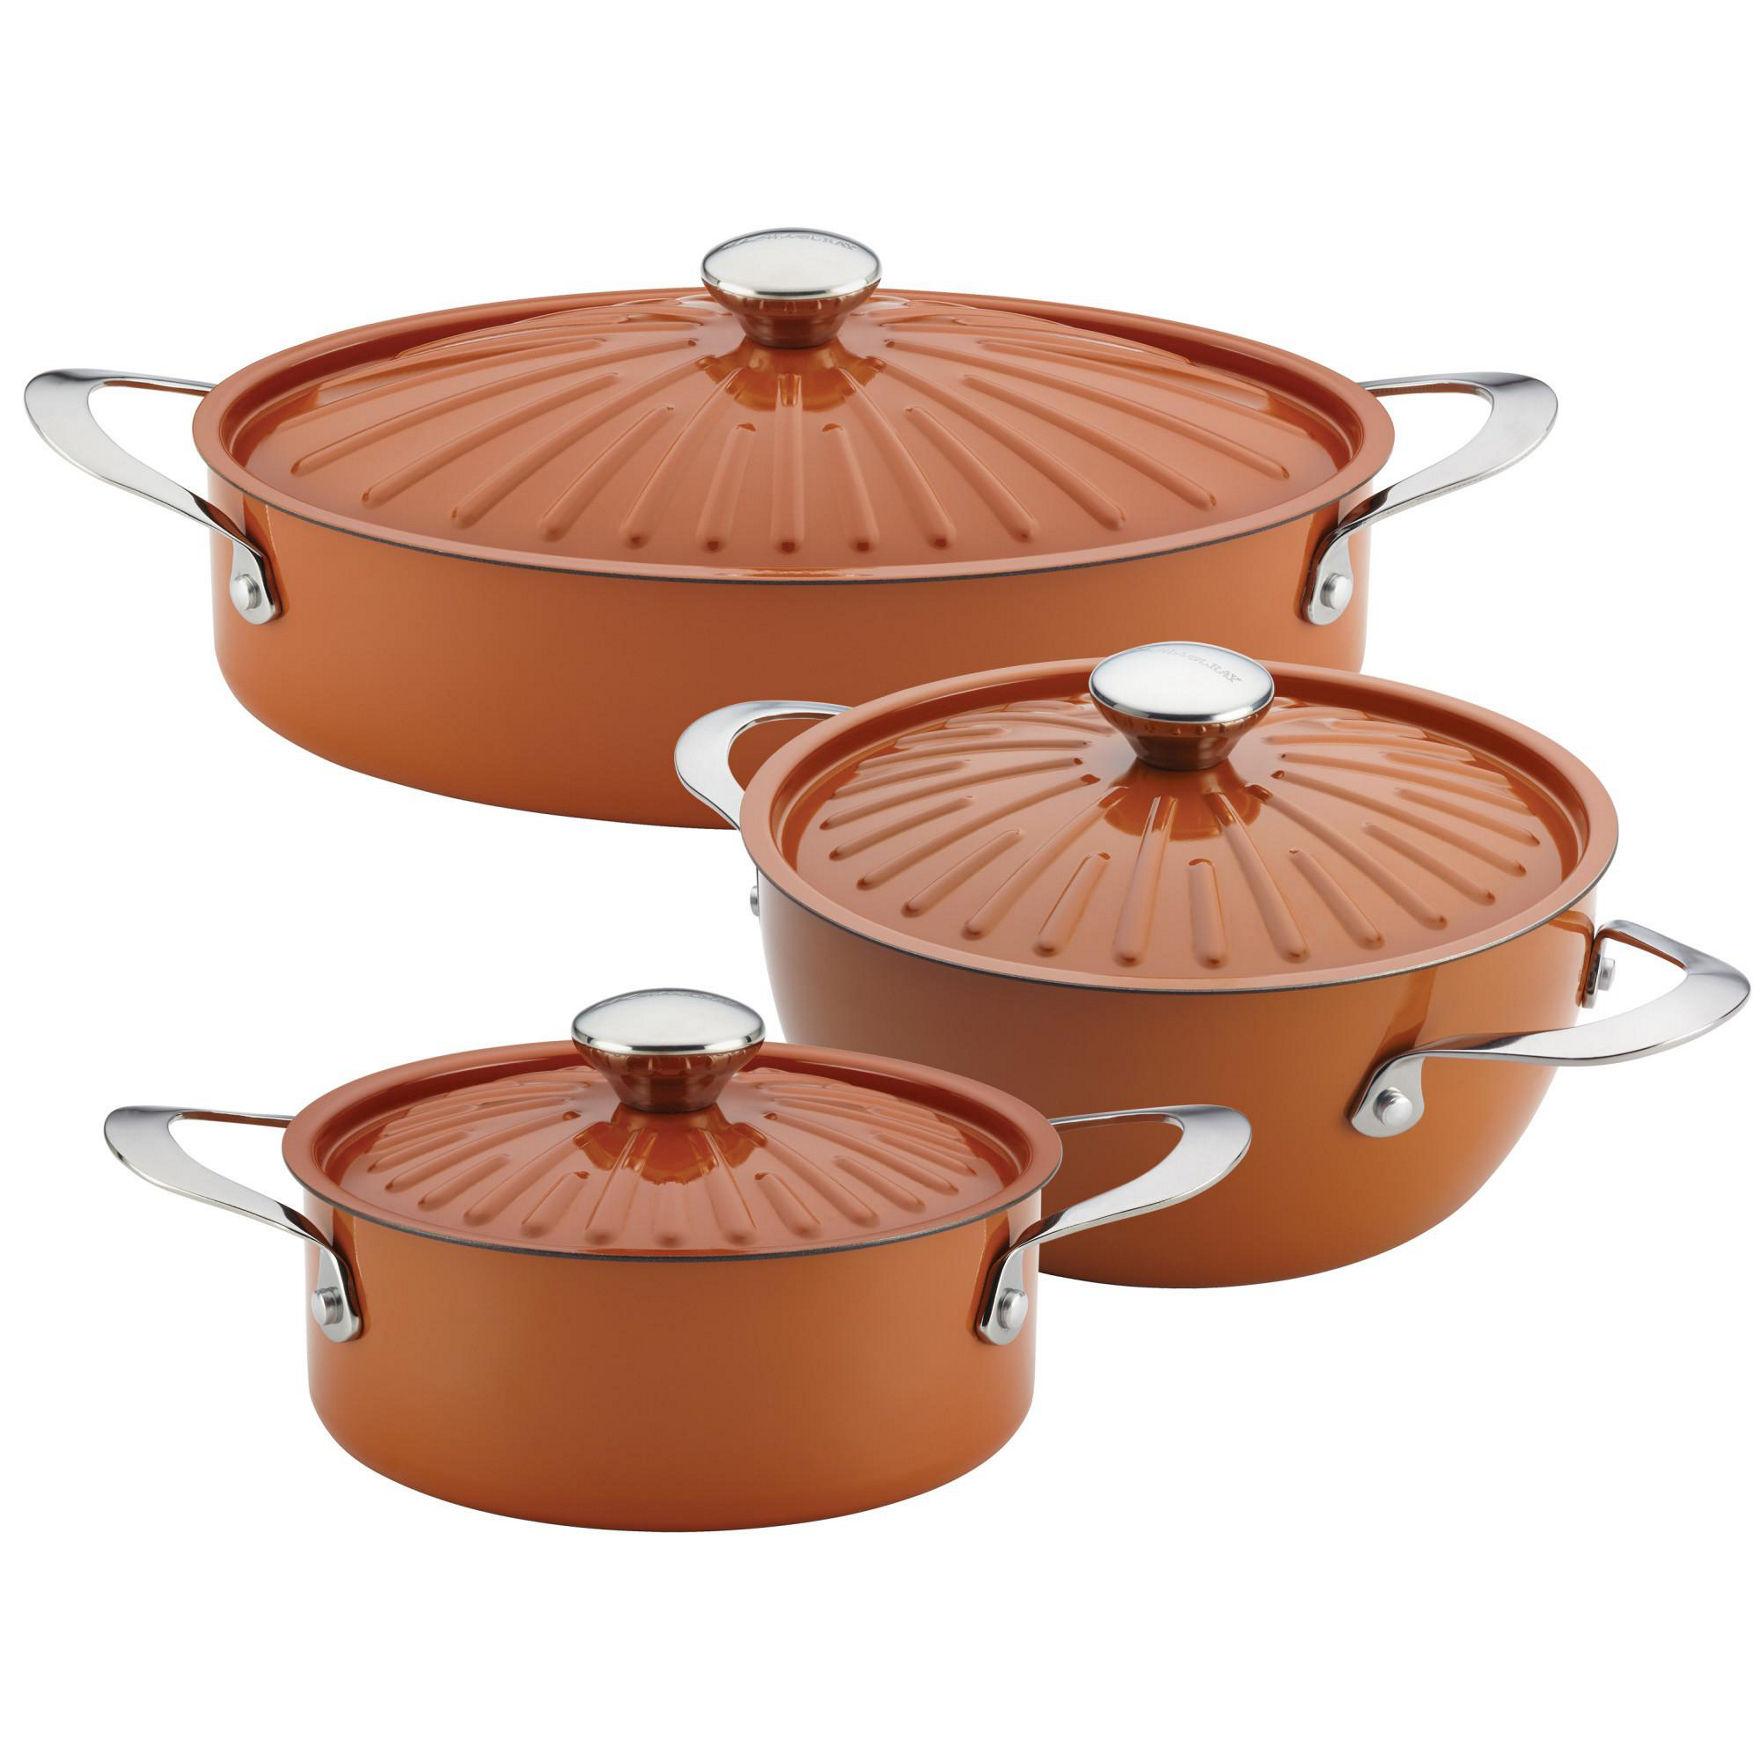 Rachael Ray Pumpkin Cookware Sets Cookware